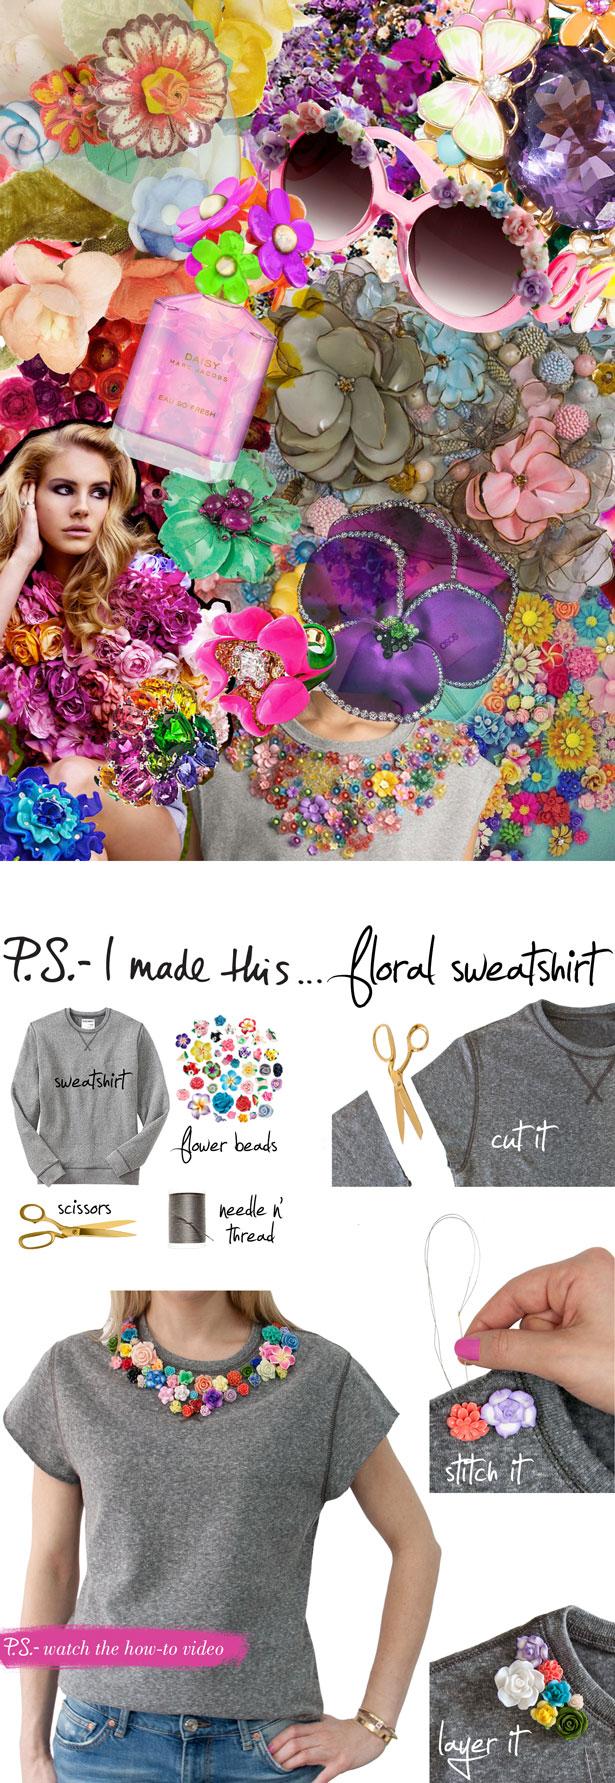 03.27.14_Floral-Sweatshirt-MERGED